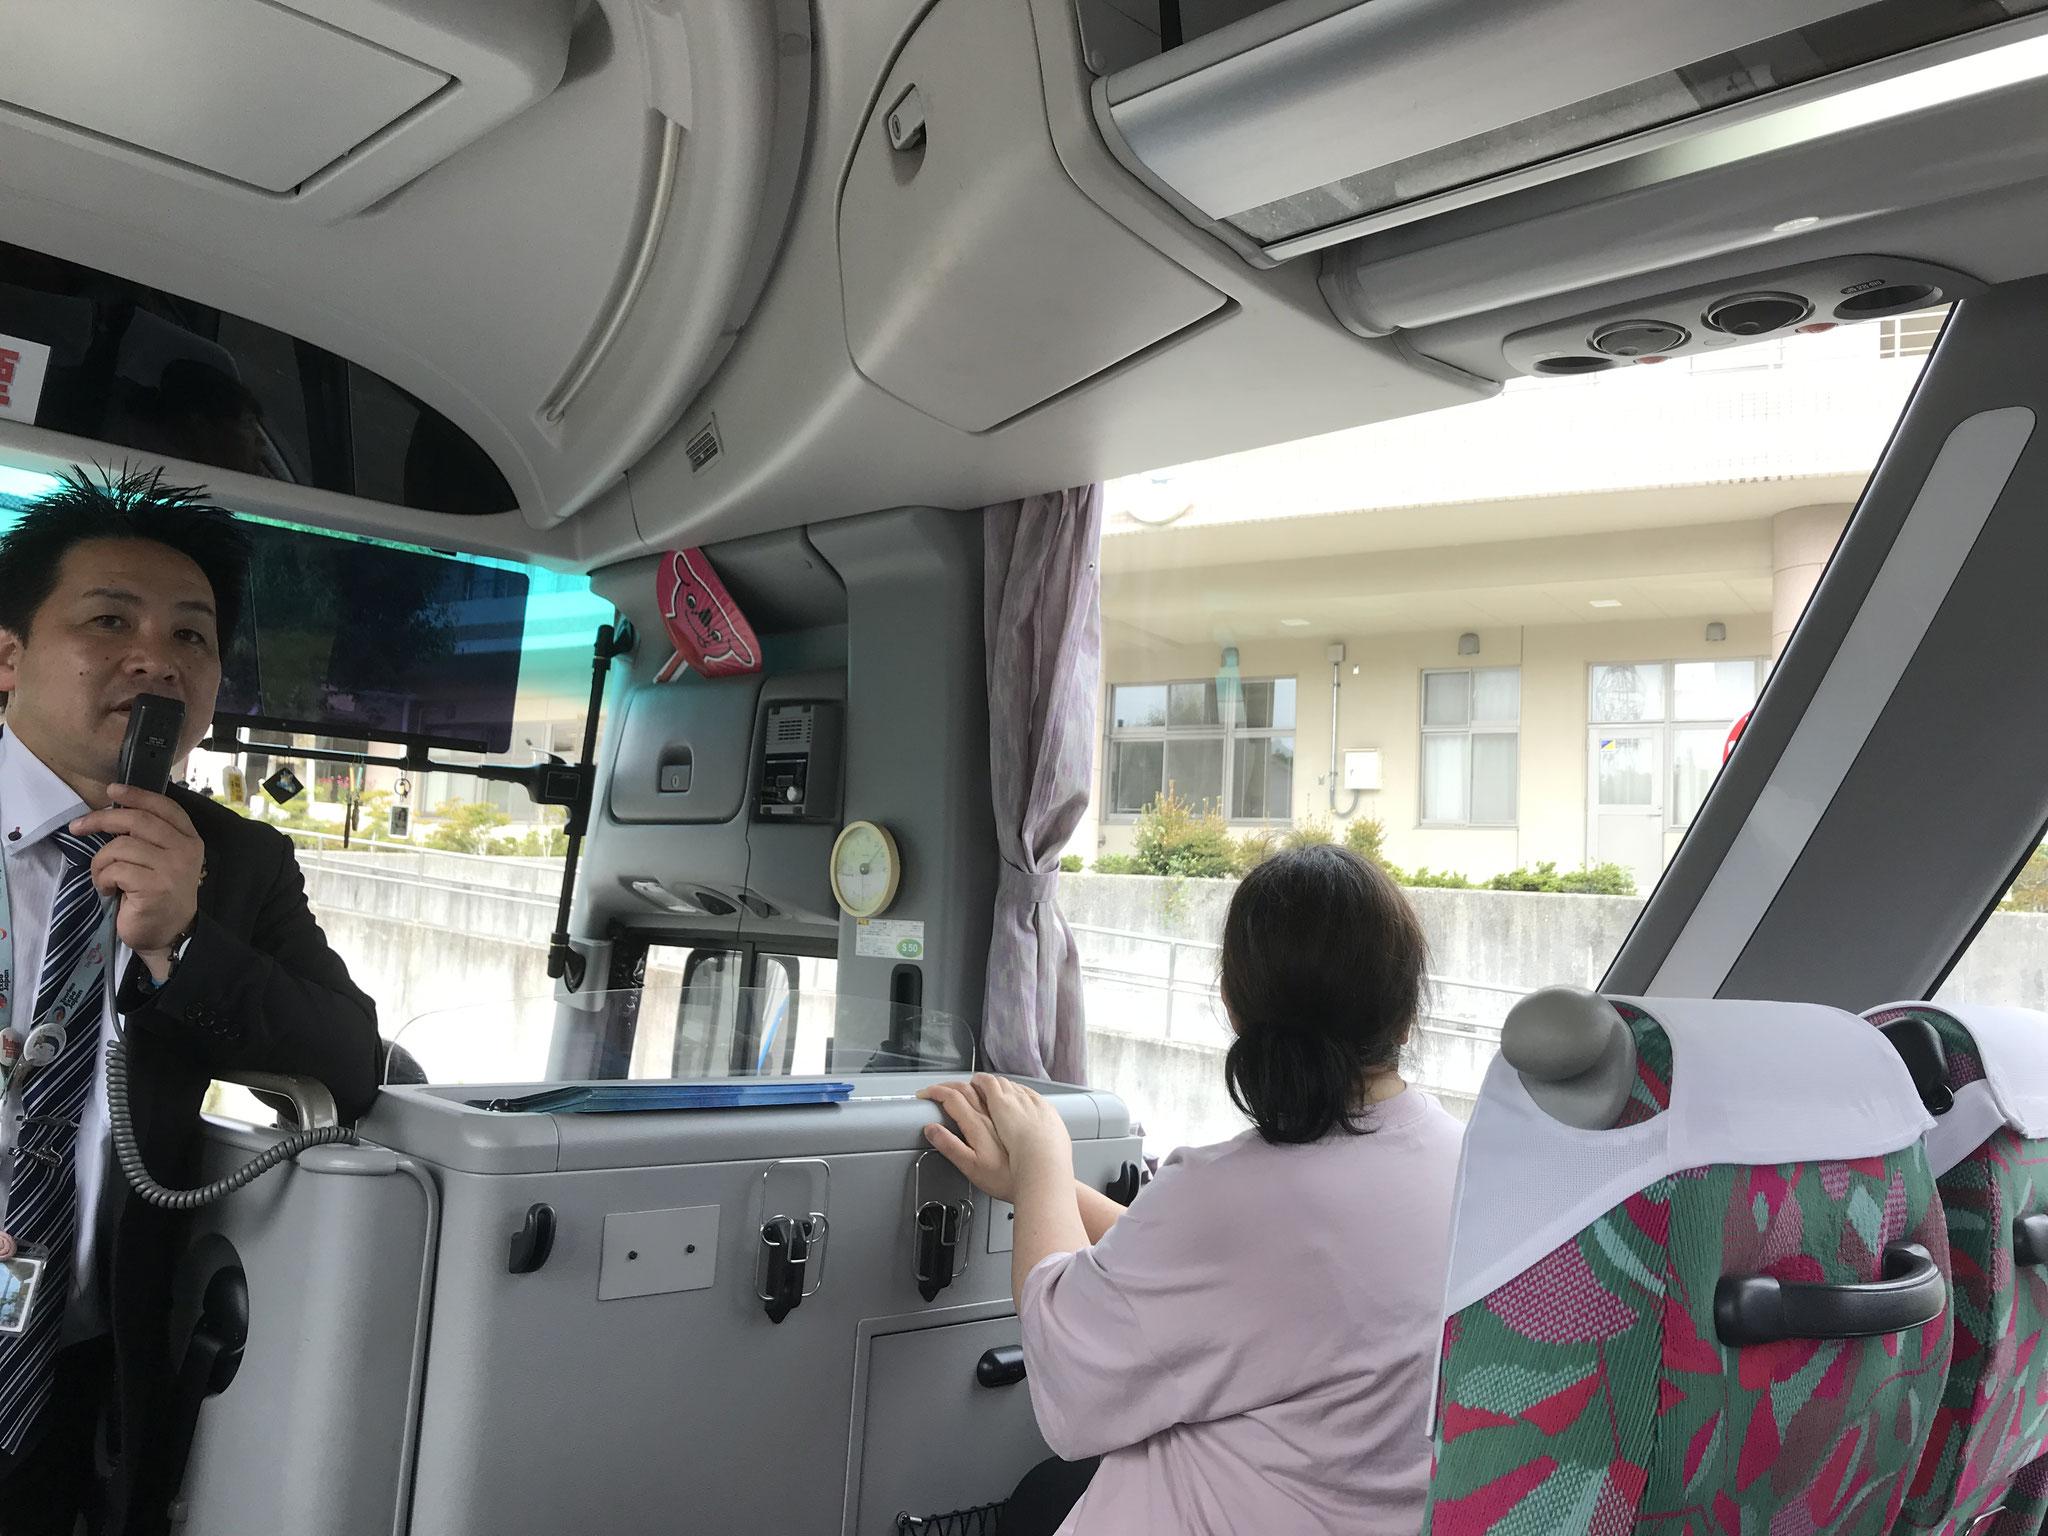 ホテル観洋の従業員が語り部として震災の時の様子を語ってくれる「語り部バス」に乗りました